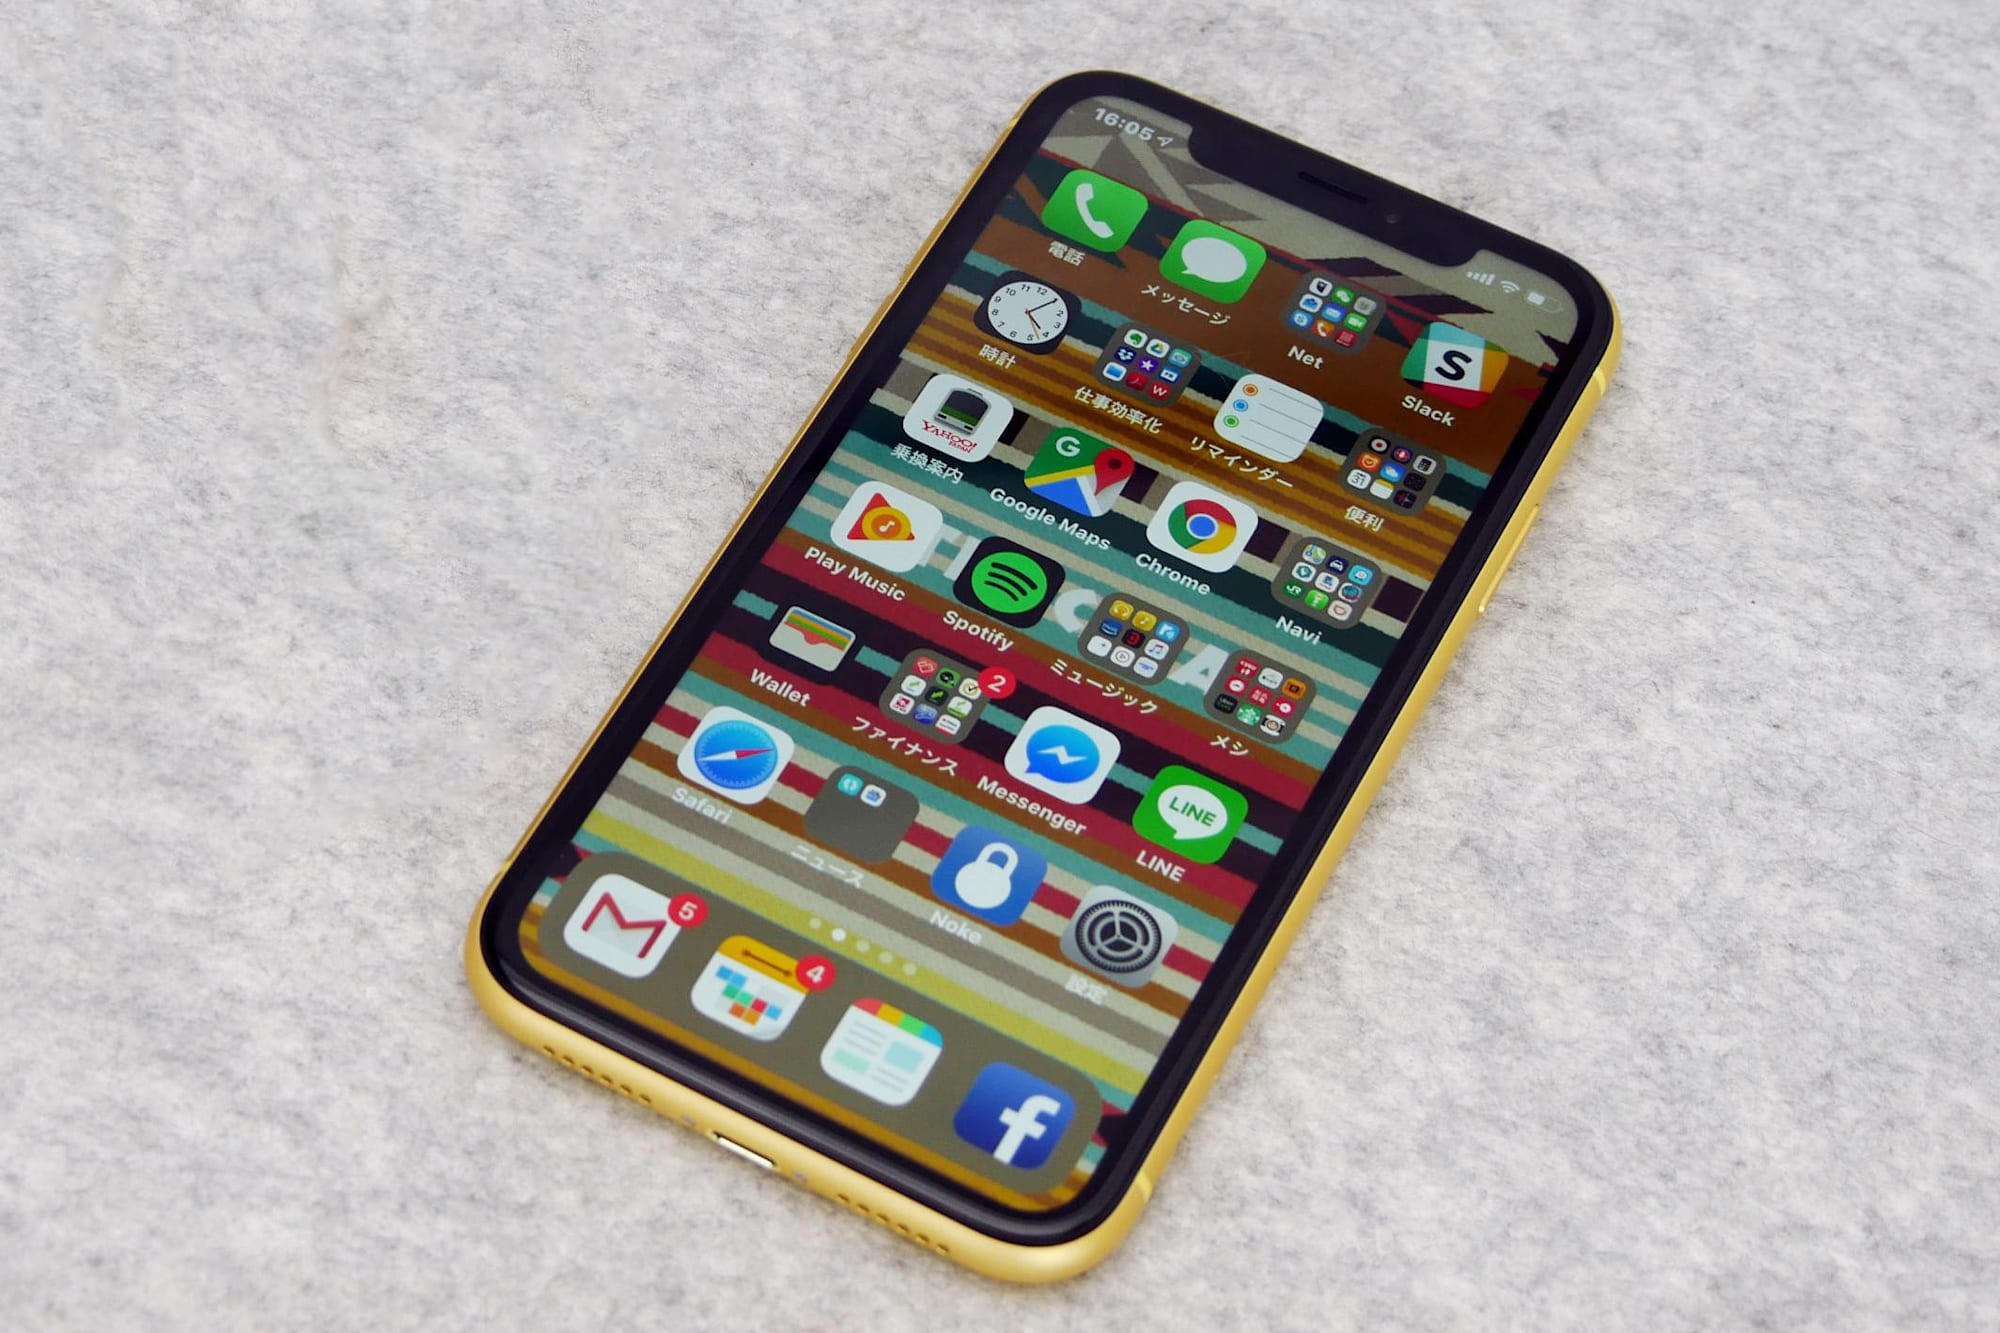 iphone xr 購入記 実はコレが最適解じゃない と本気で思えた